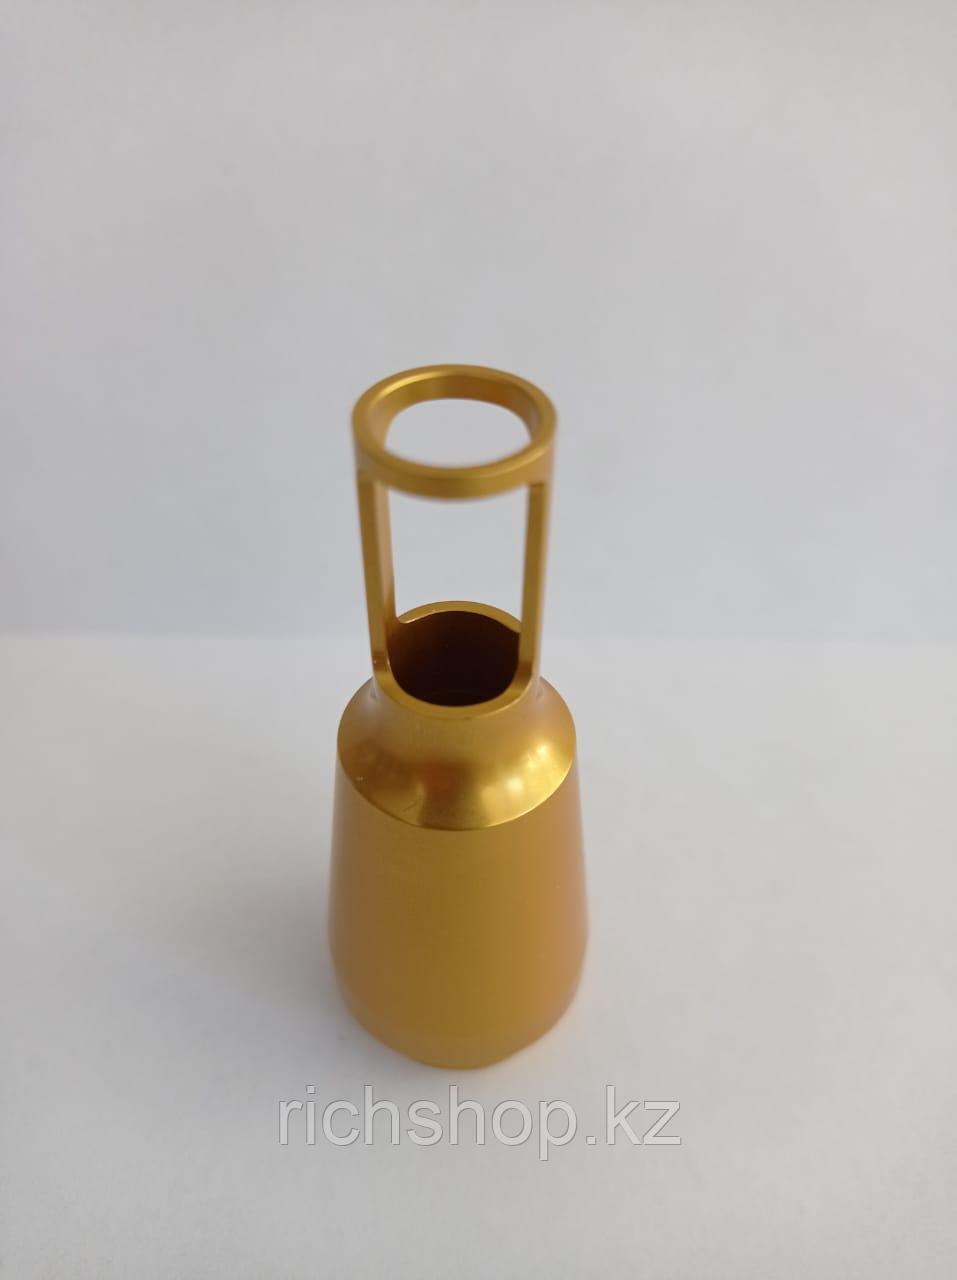 Насадка для неодимового лазера 1064 нм